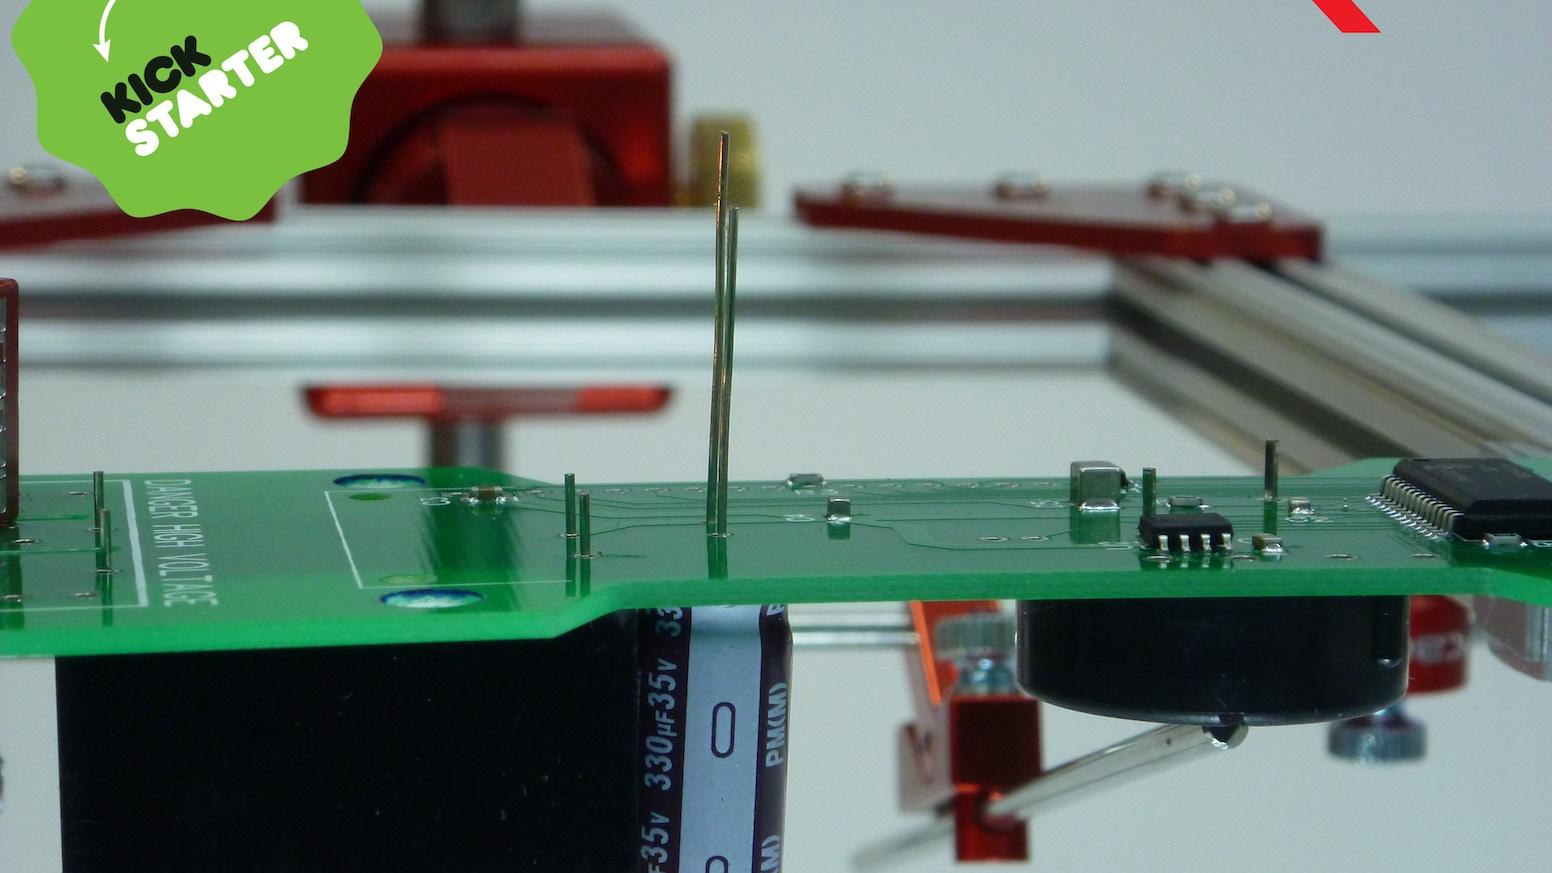 Electronic Assembly Workers : Pcbgrip electronics assembly system by —kickstarter